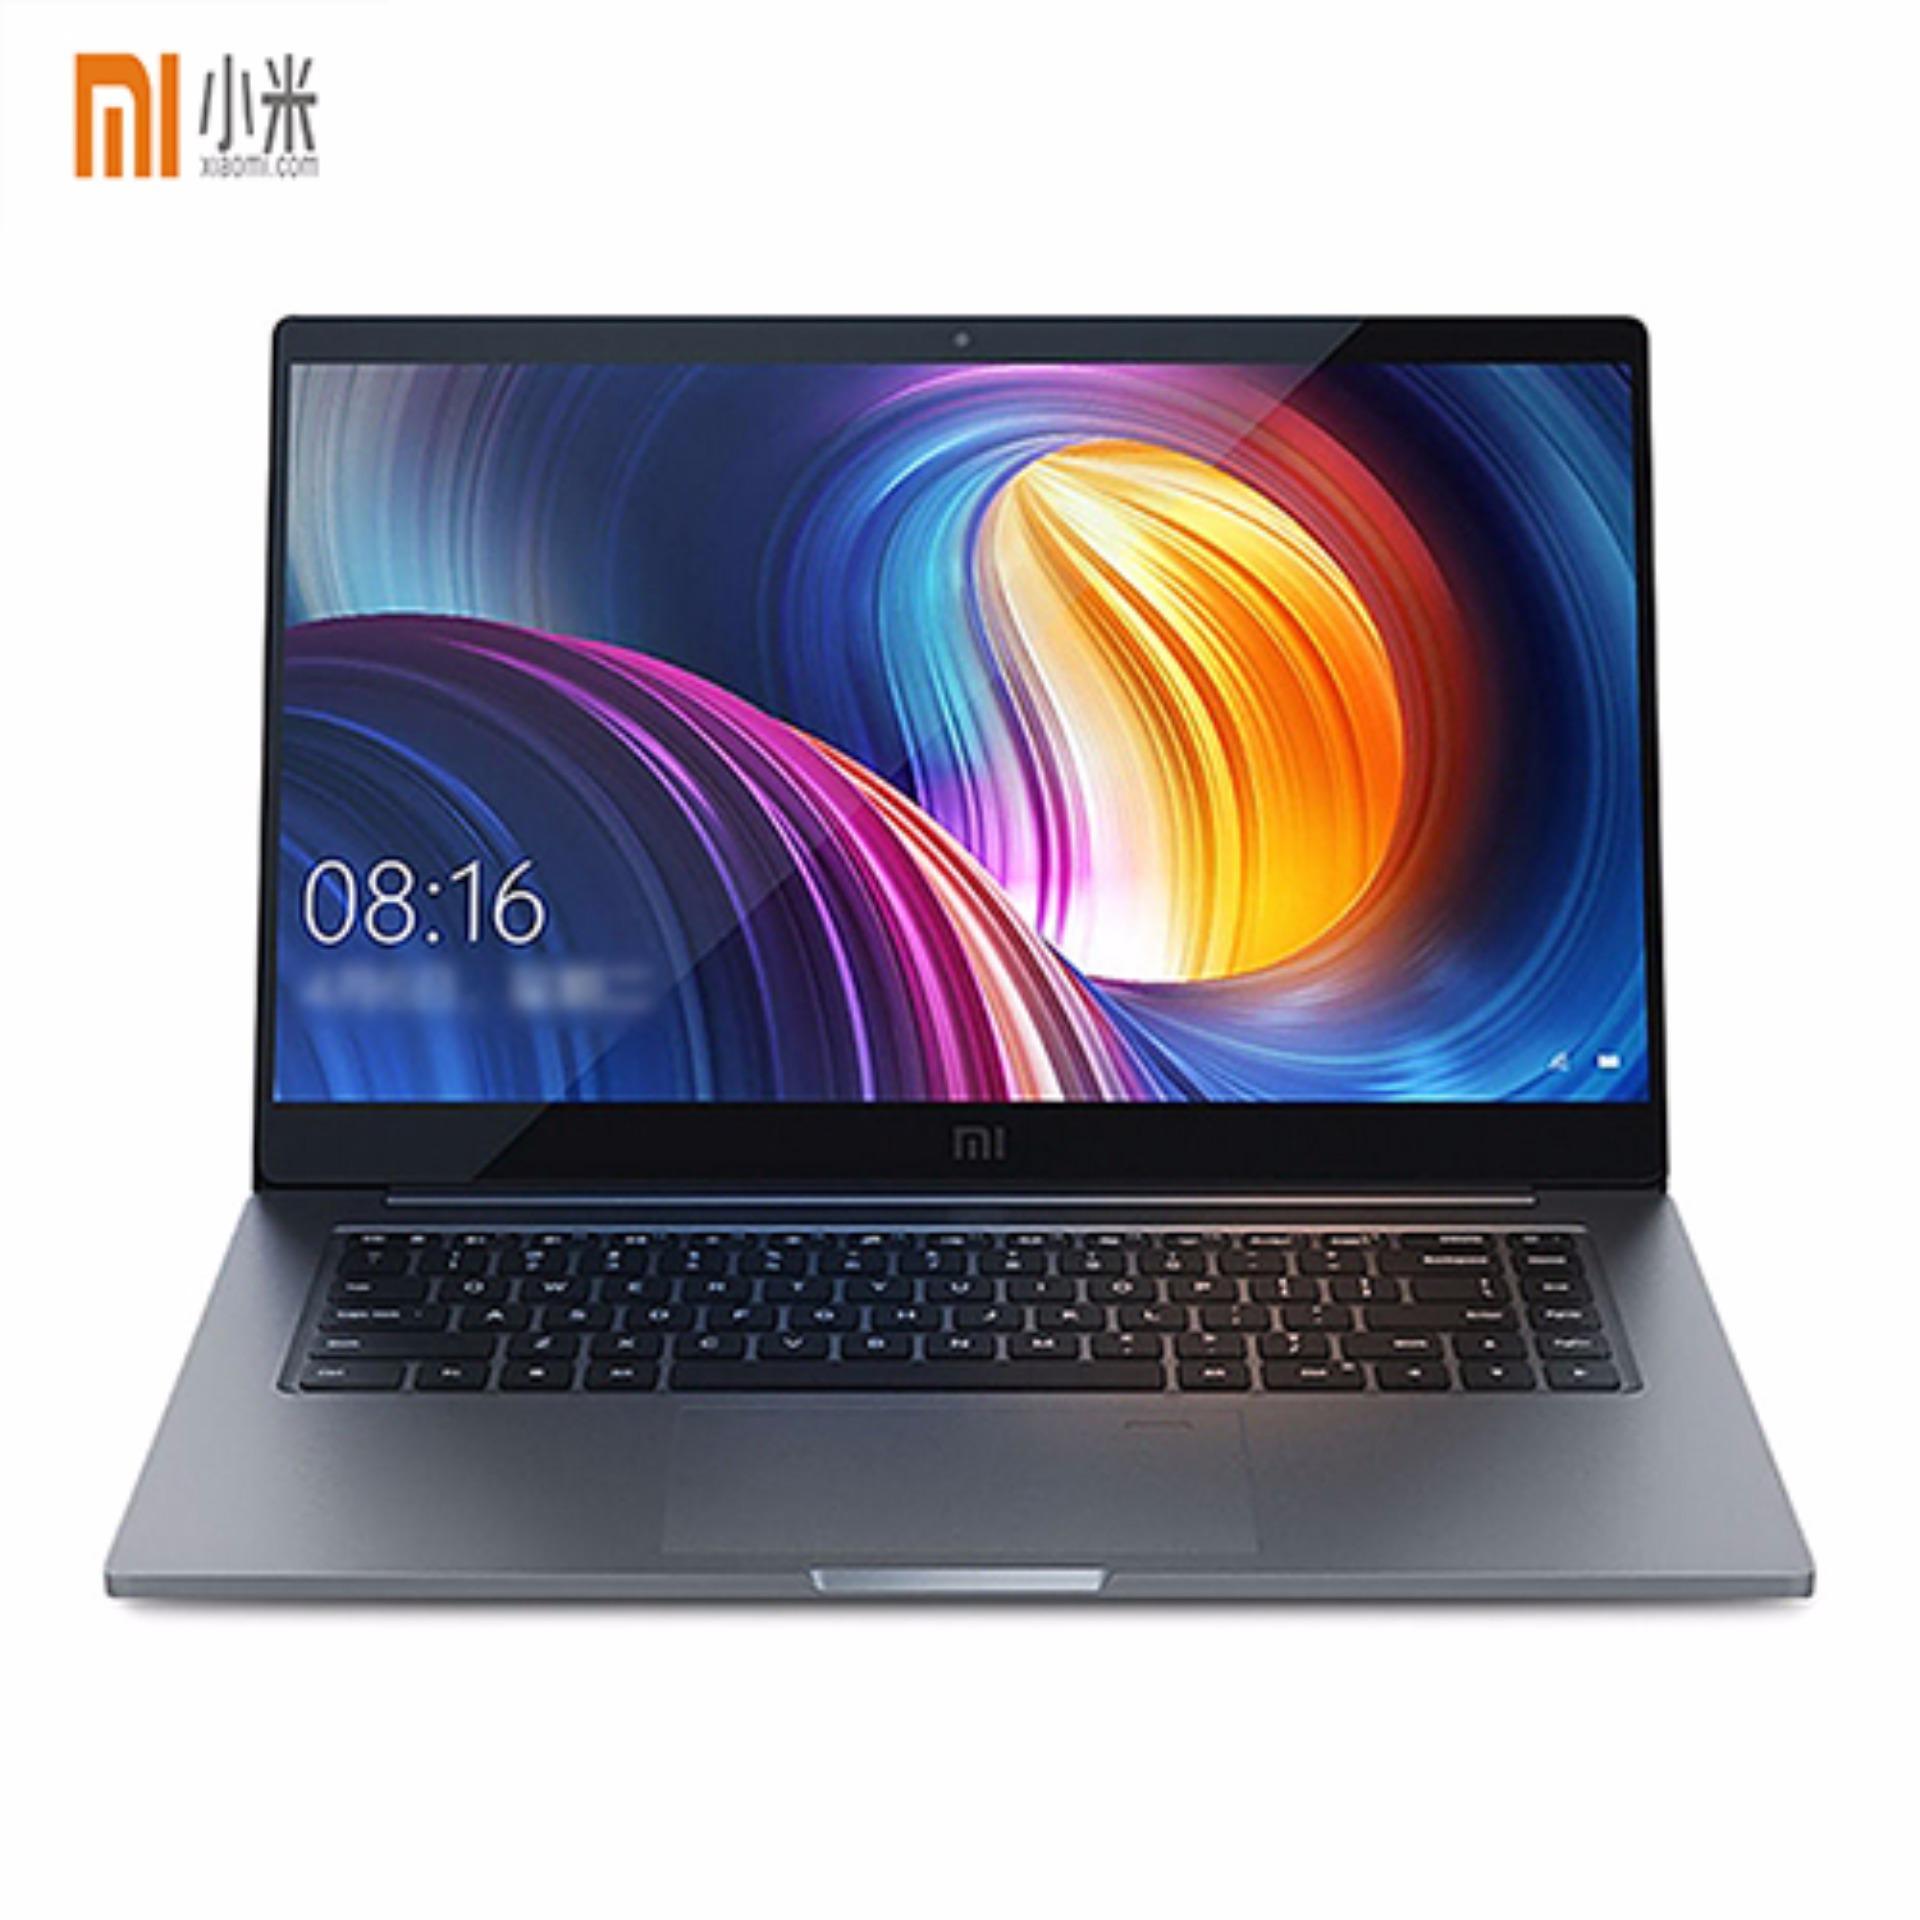 Xiaomi Mi Notebook Air Pro 15.6 Inch Laptop Intel Core i5-8250U CPU NVIDIA 8GB 256GB SSD Fingerprint Computer Grey(Export)